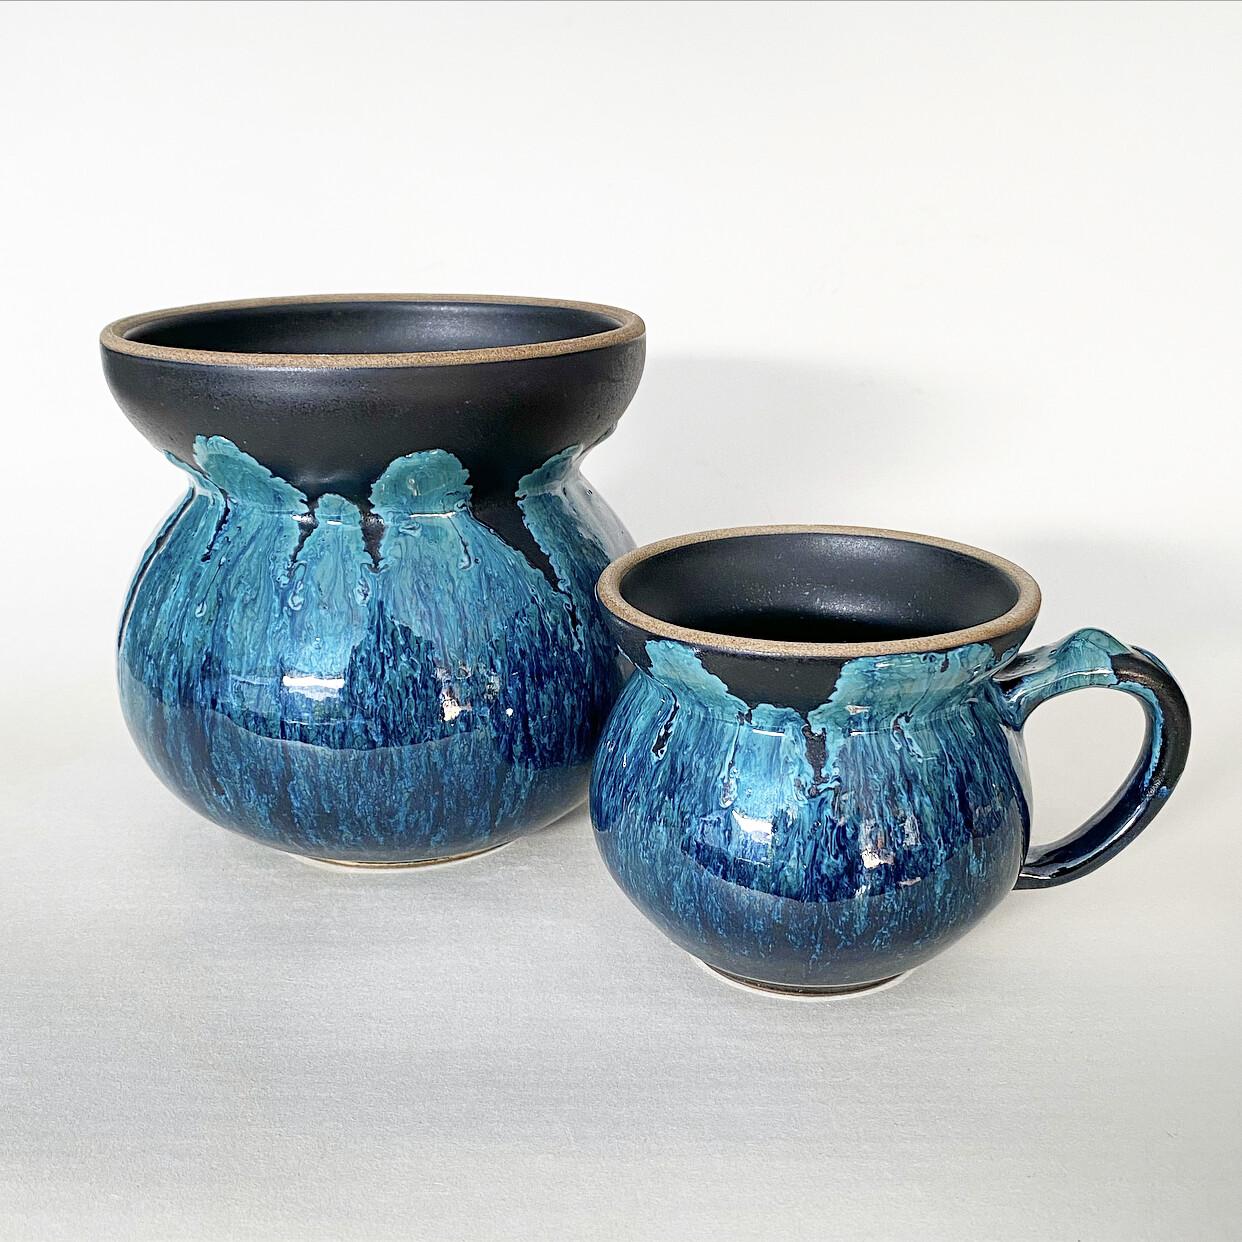 Upside down ocean glaze vase and mug set